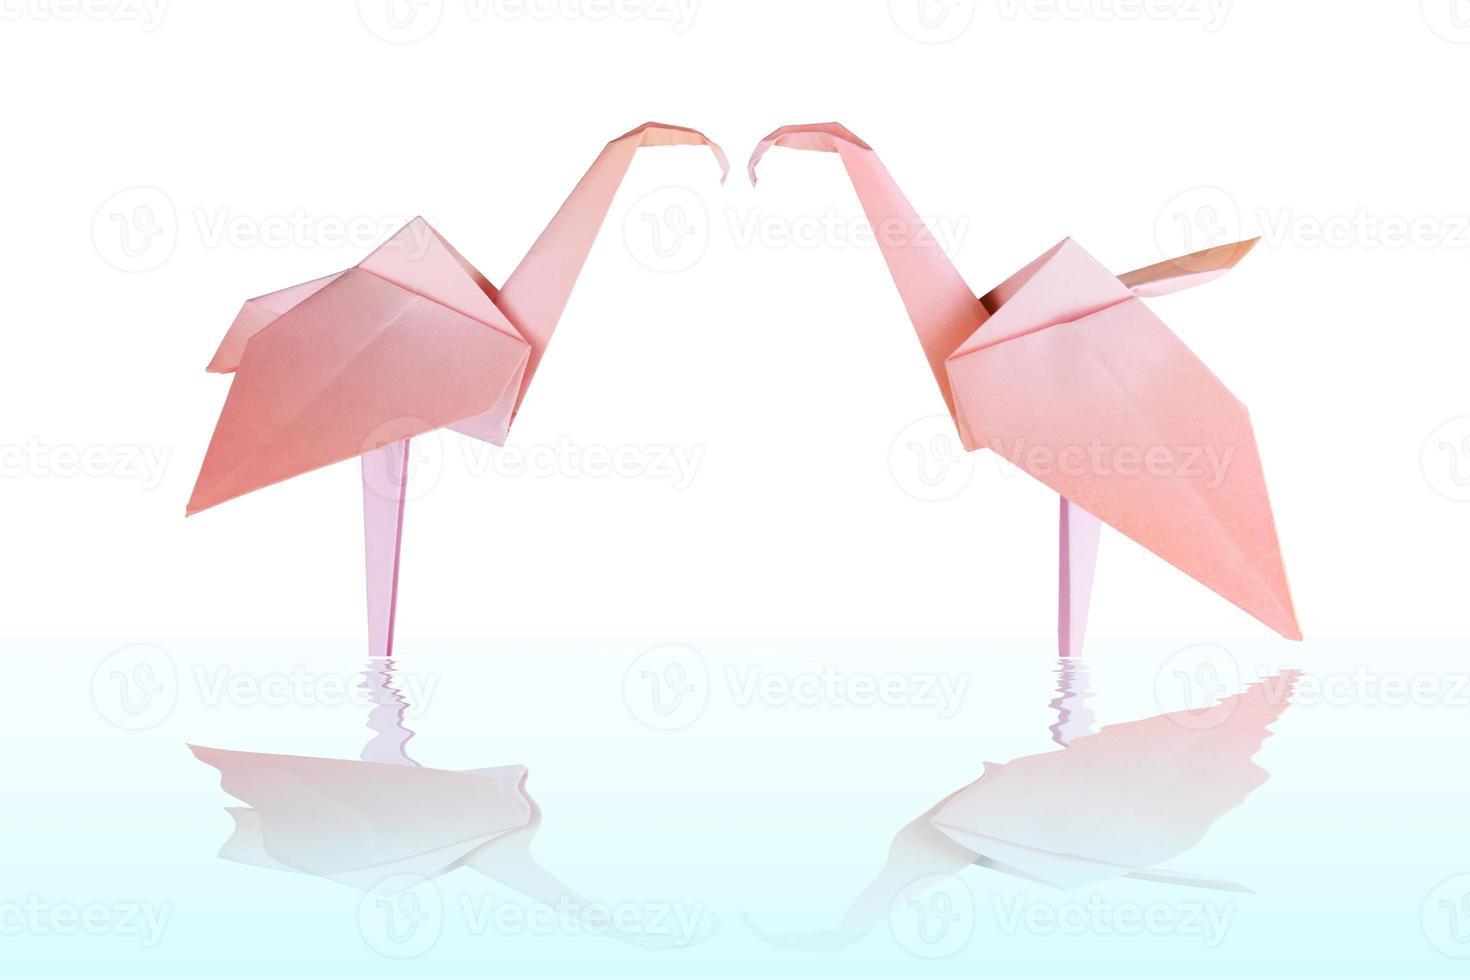 casal de origami rosa papel flamingo foto